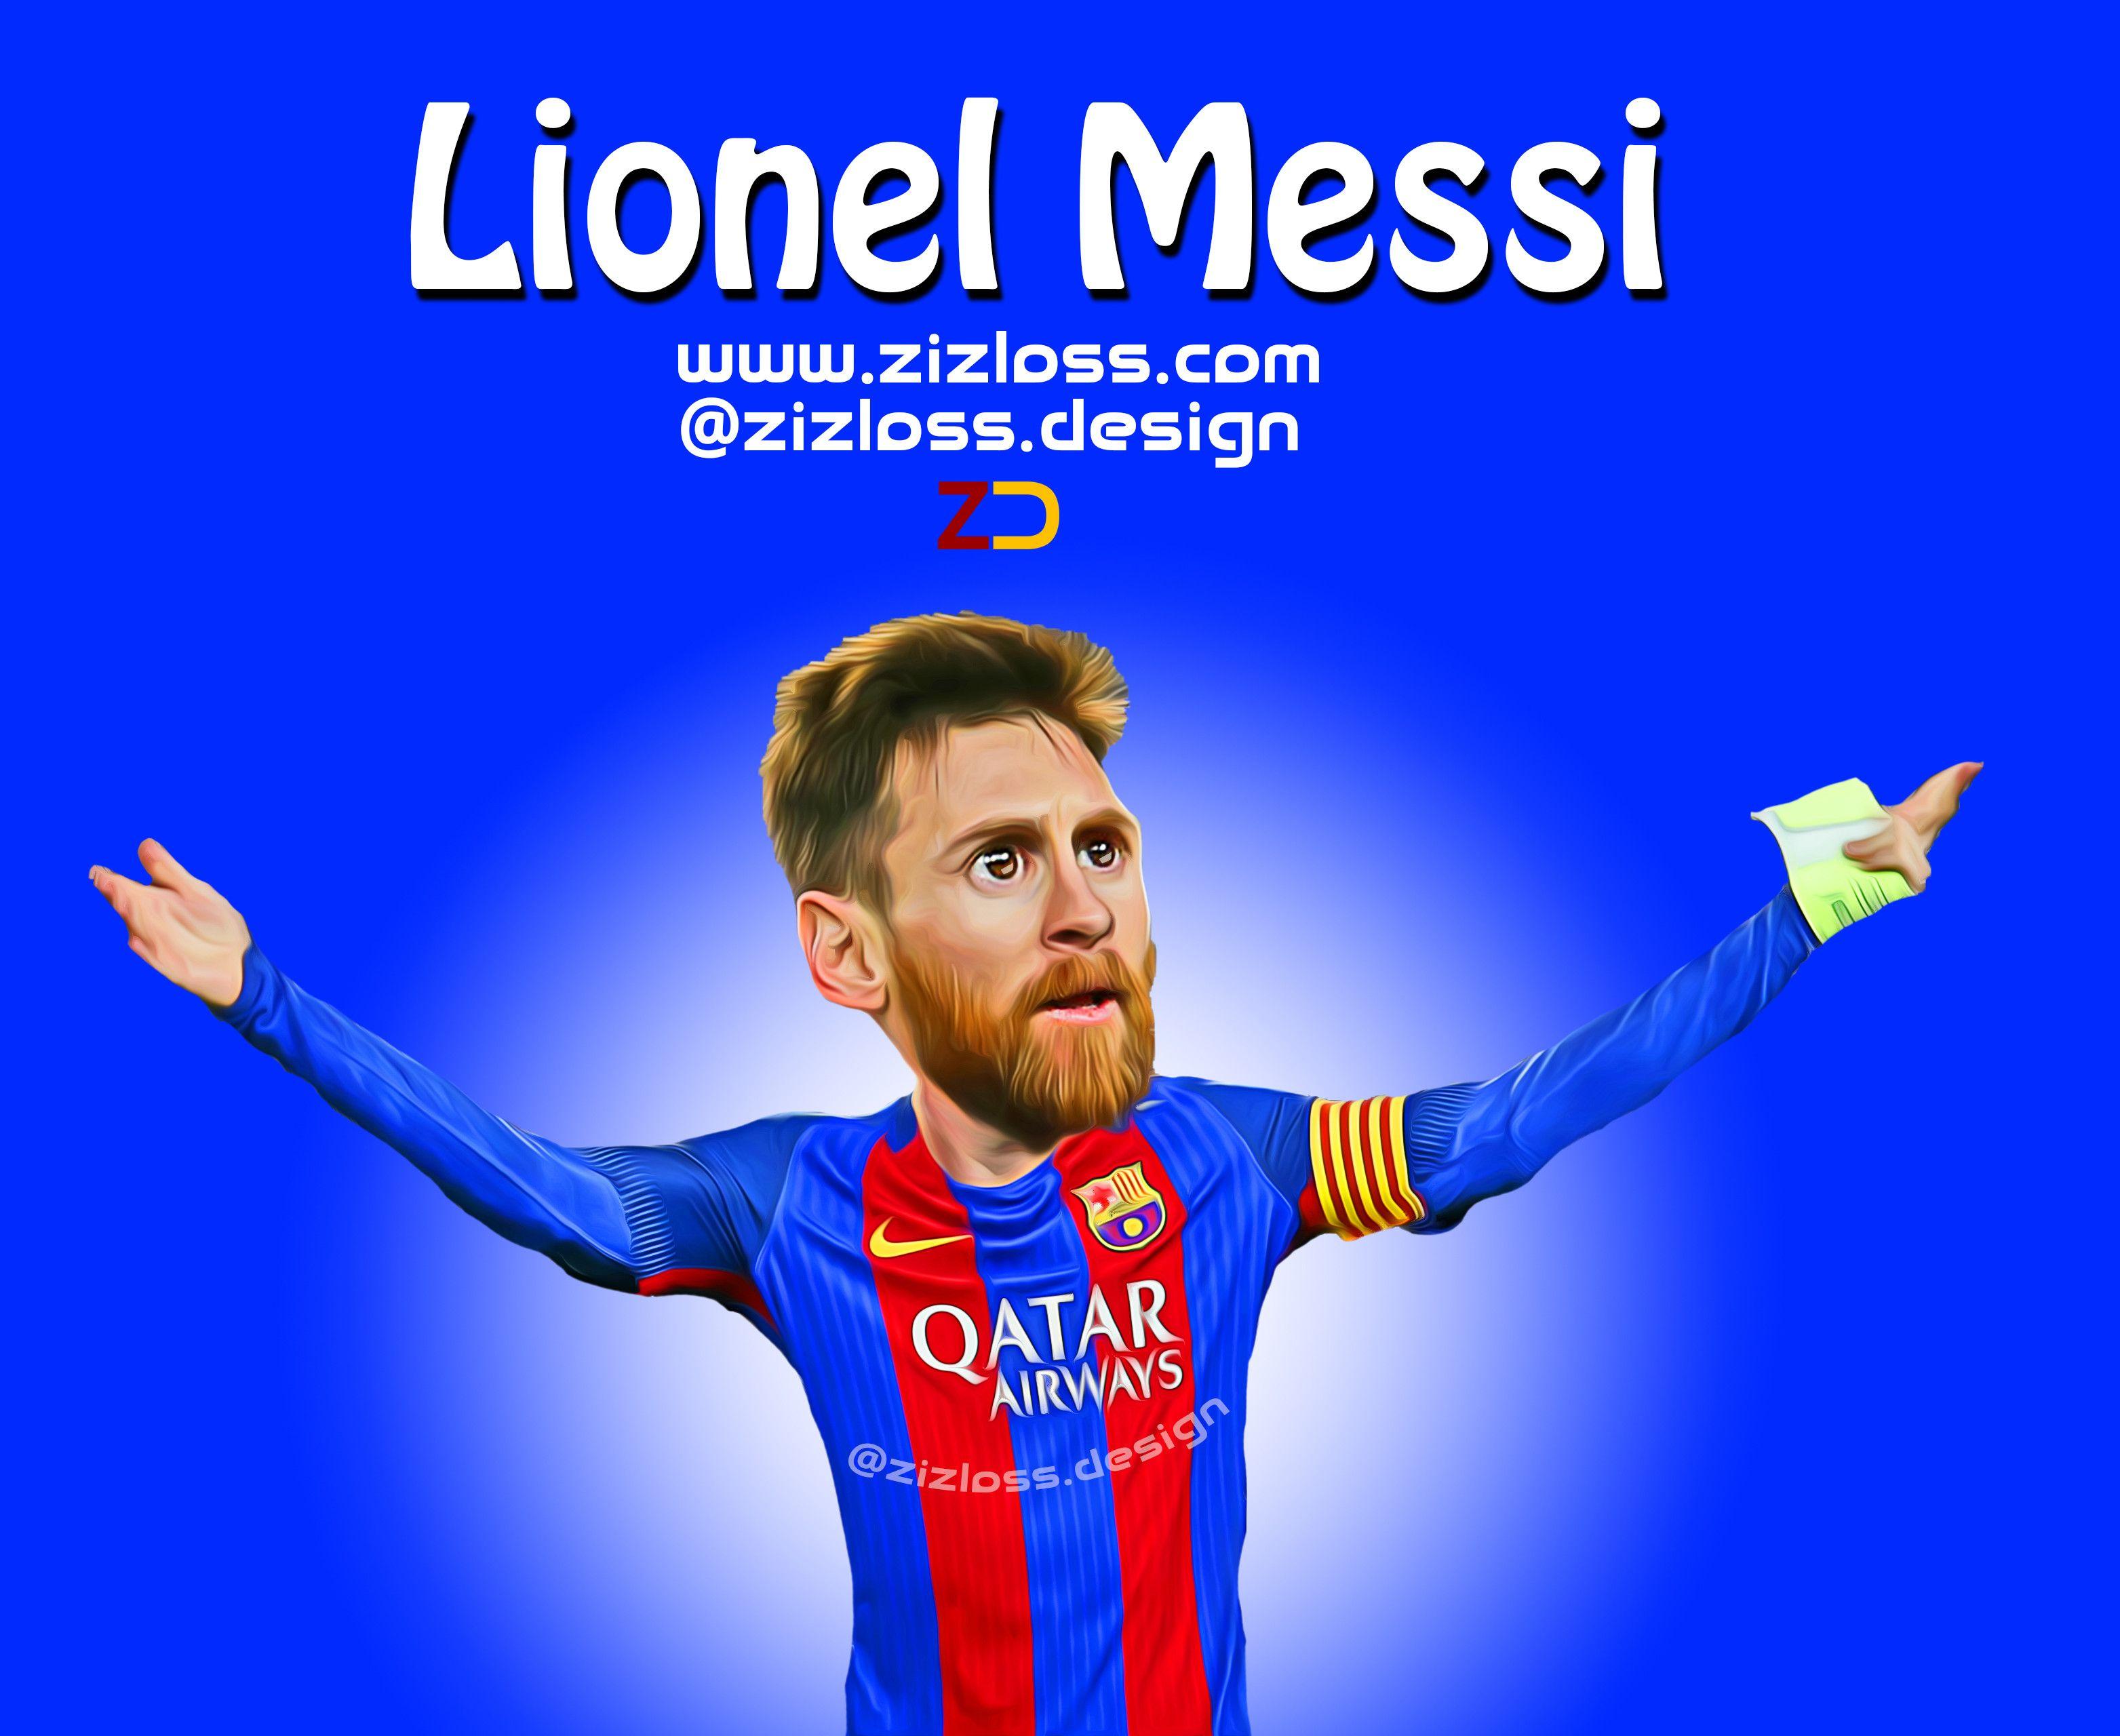 Lionel Messi ليونيل ميسي Messi Caricature Lionel Messi